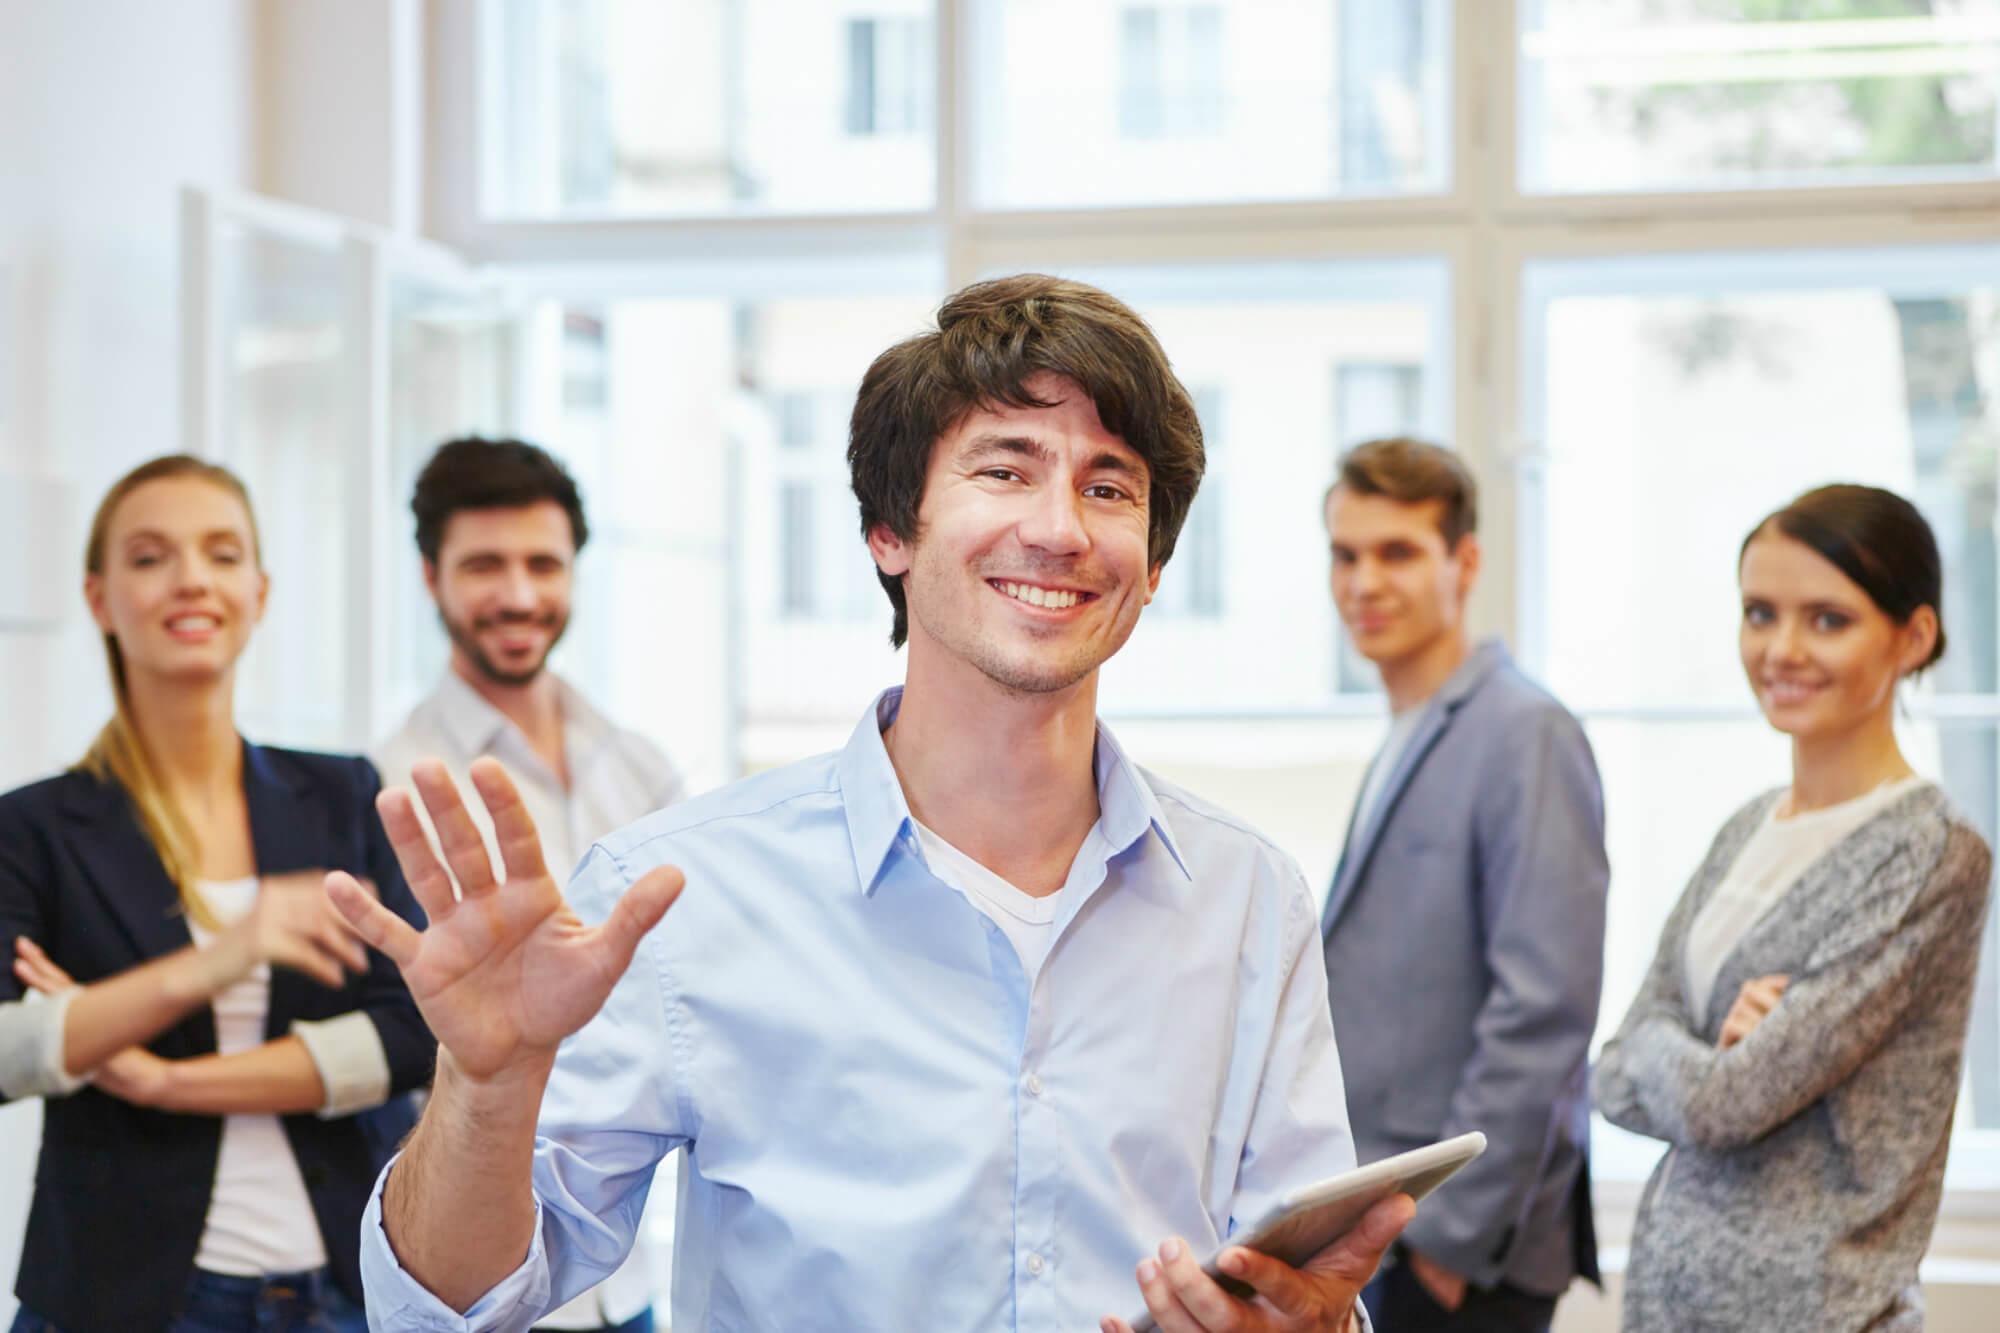 franquias para jovens empreendedores